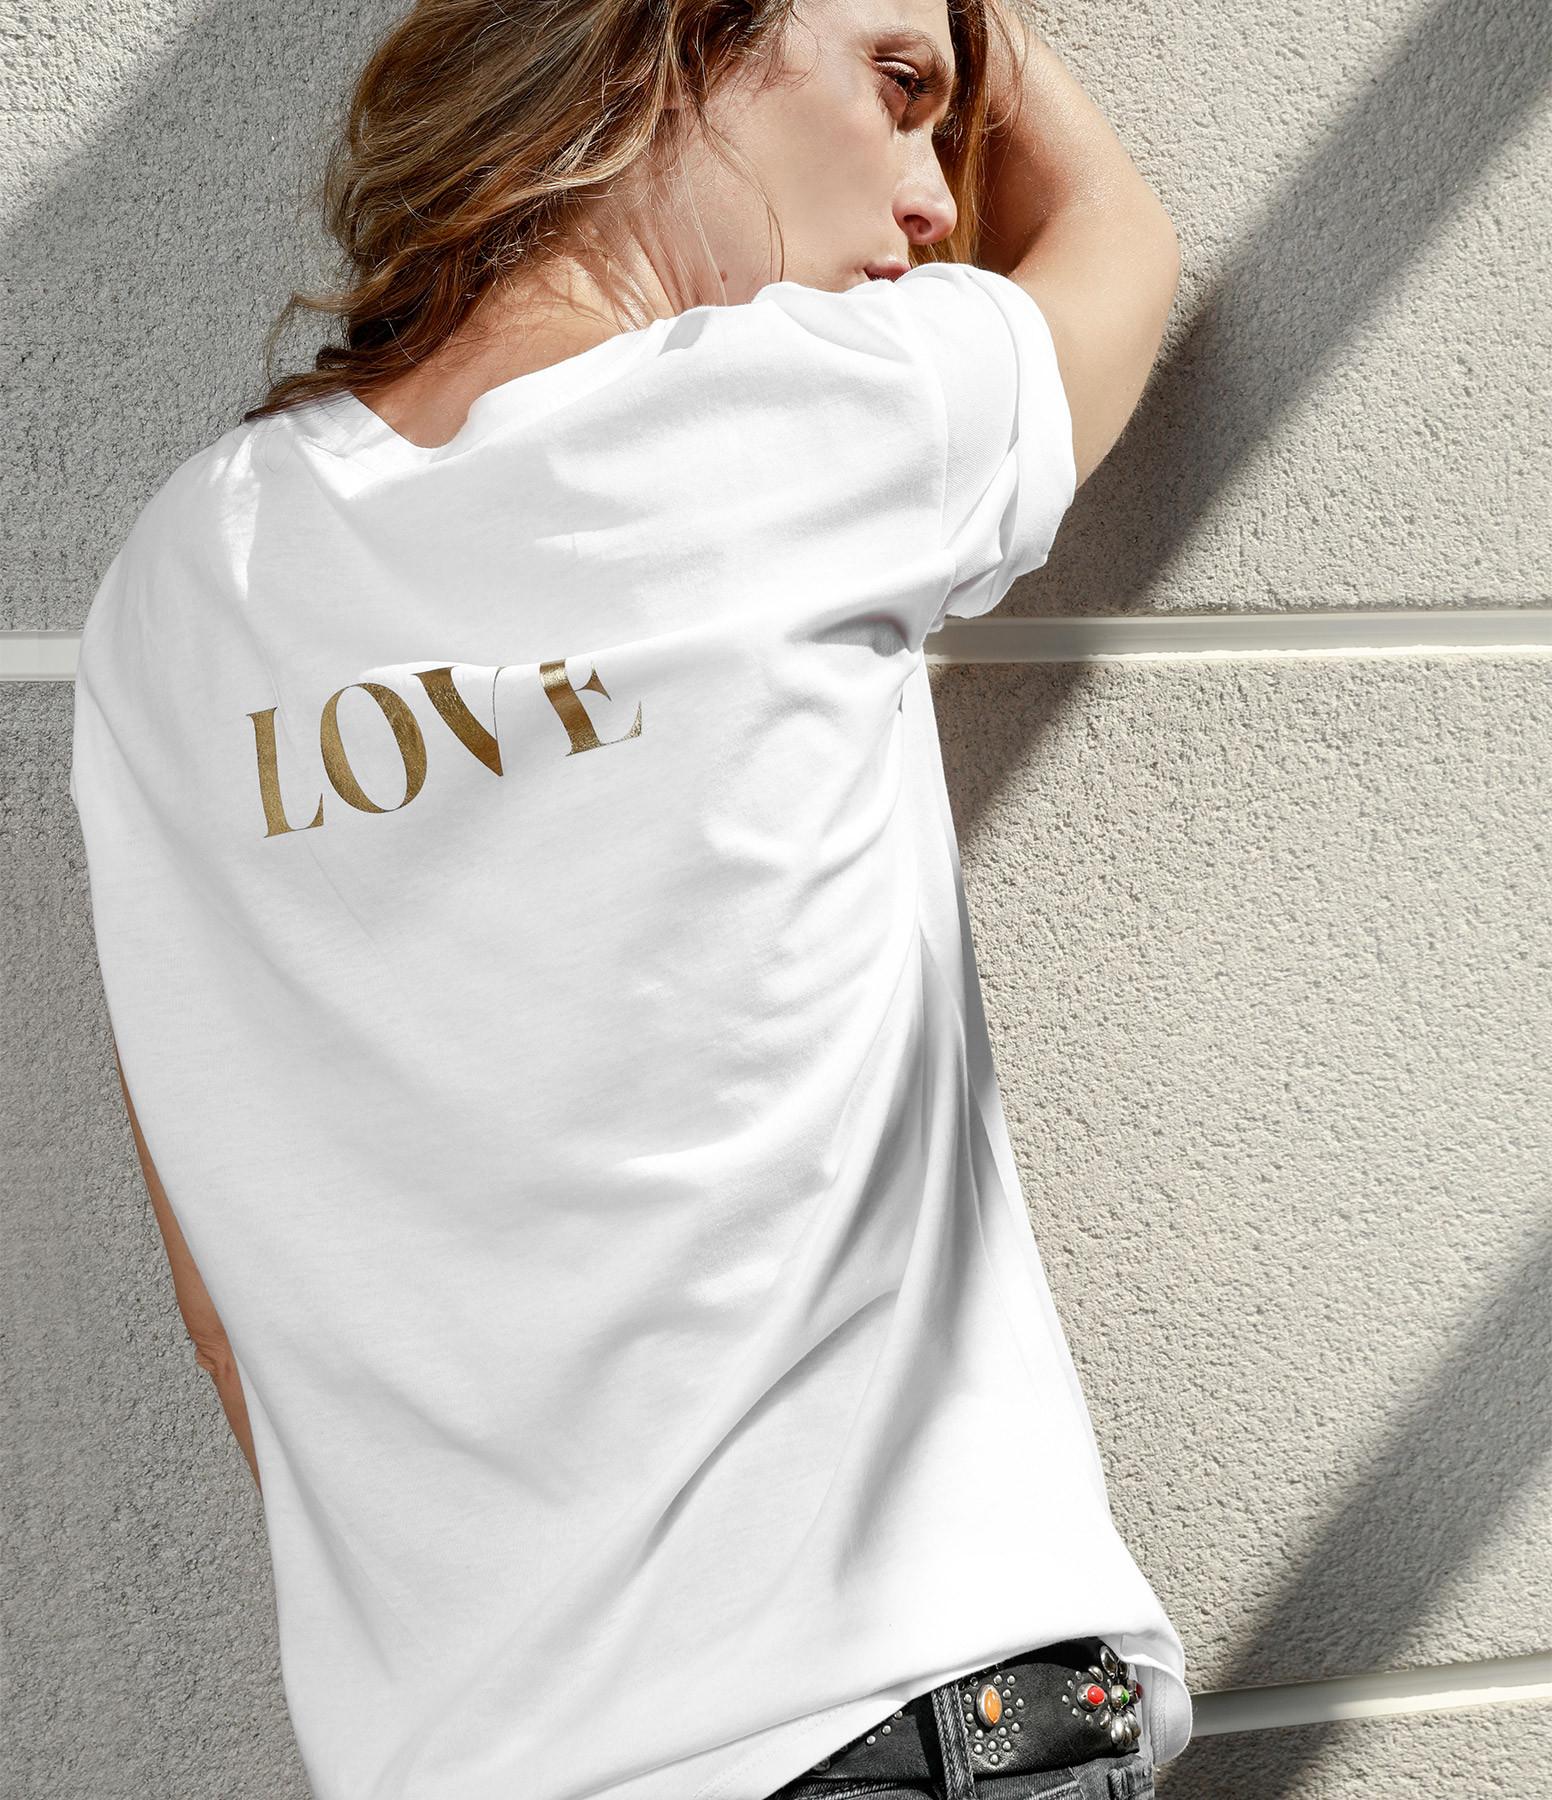 JEANNE VOULAND - Tee-shirt Cris Rock Love Doré Blanc